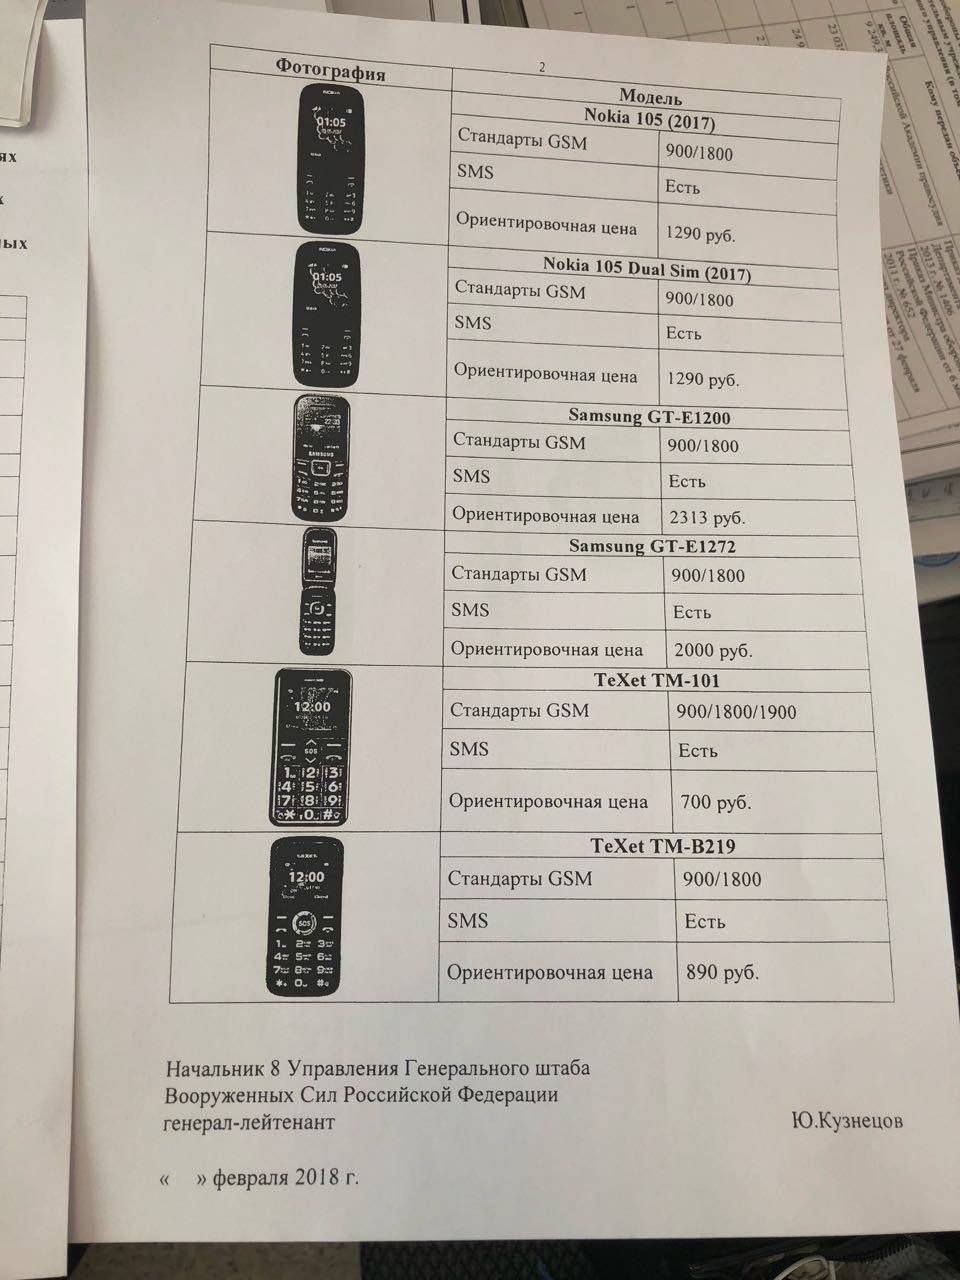 Перечень моделей телефонов, разрешенных в армии